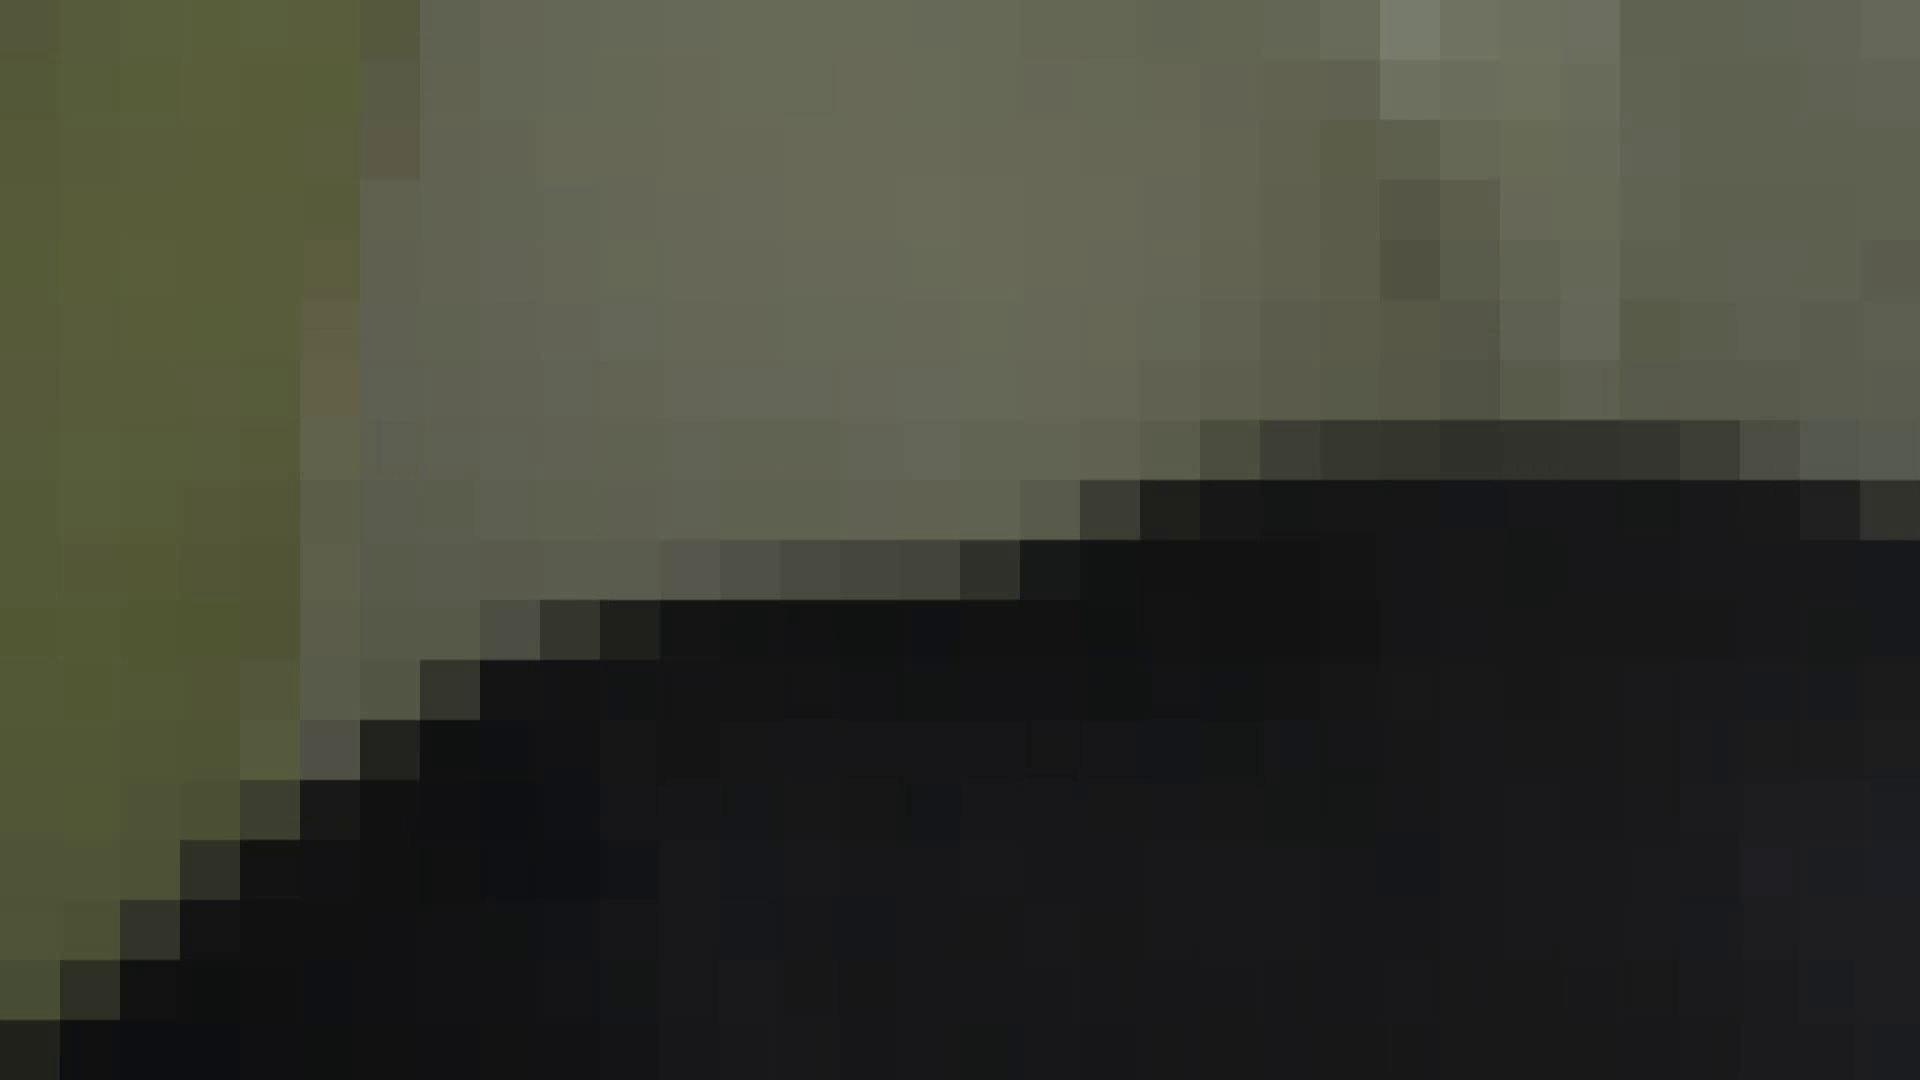 洗面所特攻隊vol.013 OLハメ撮り  99Pix 89